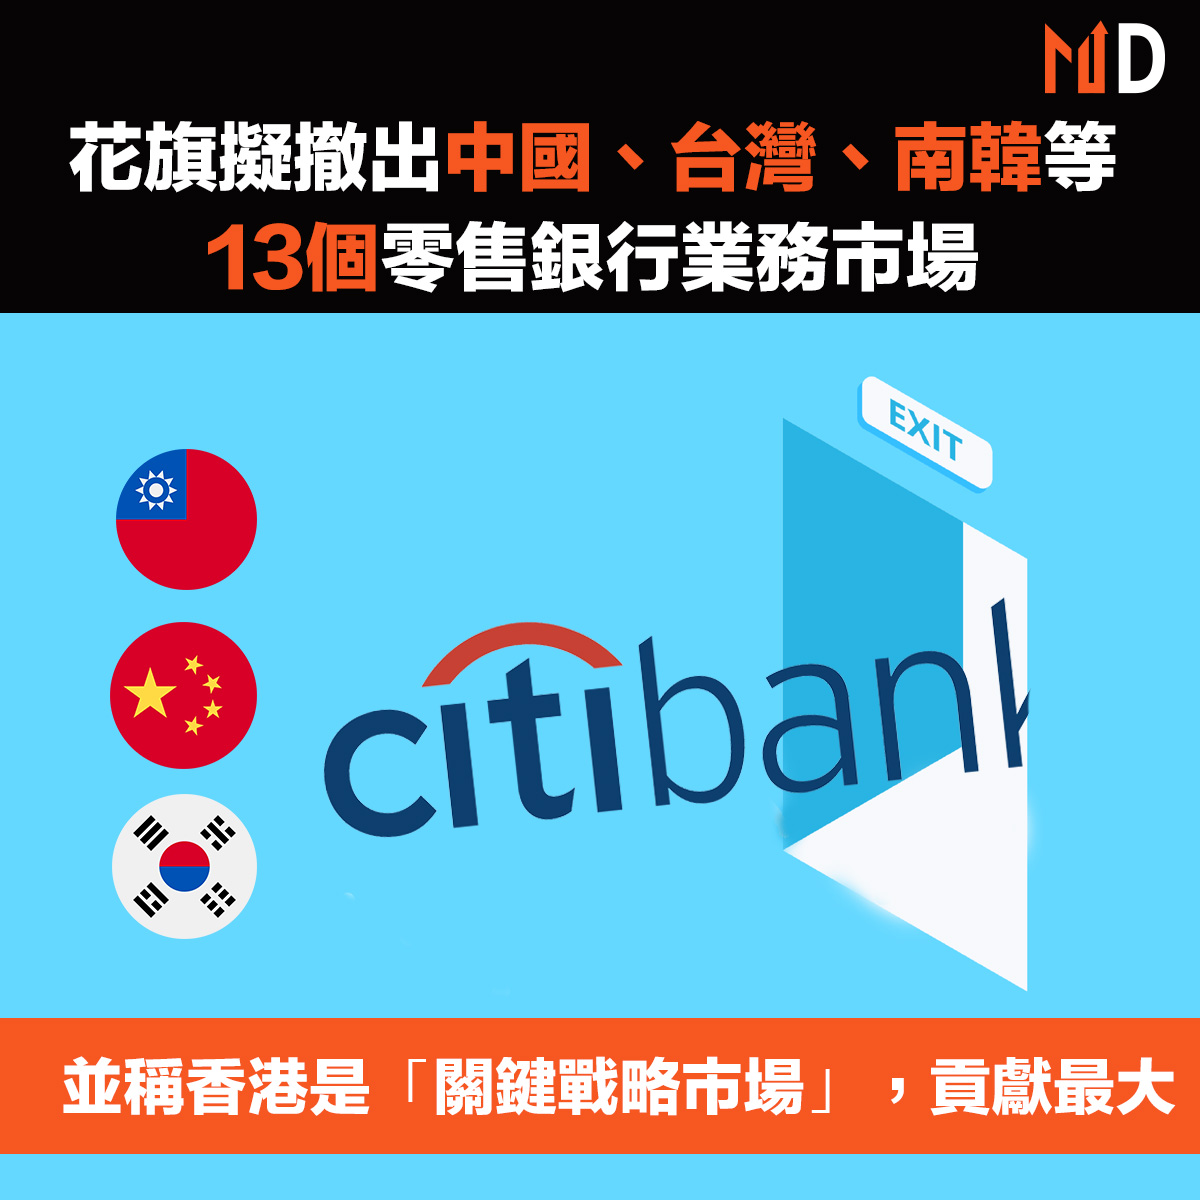 【市場熱話】花旗擬撤出13個零售銀行業務市場,又稱香港是「關鍵戰略市場」